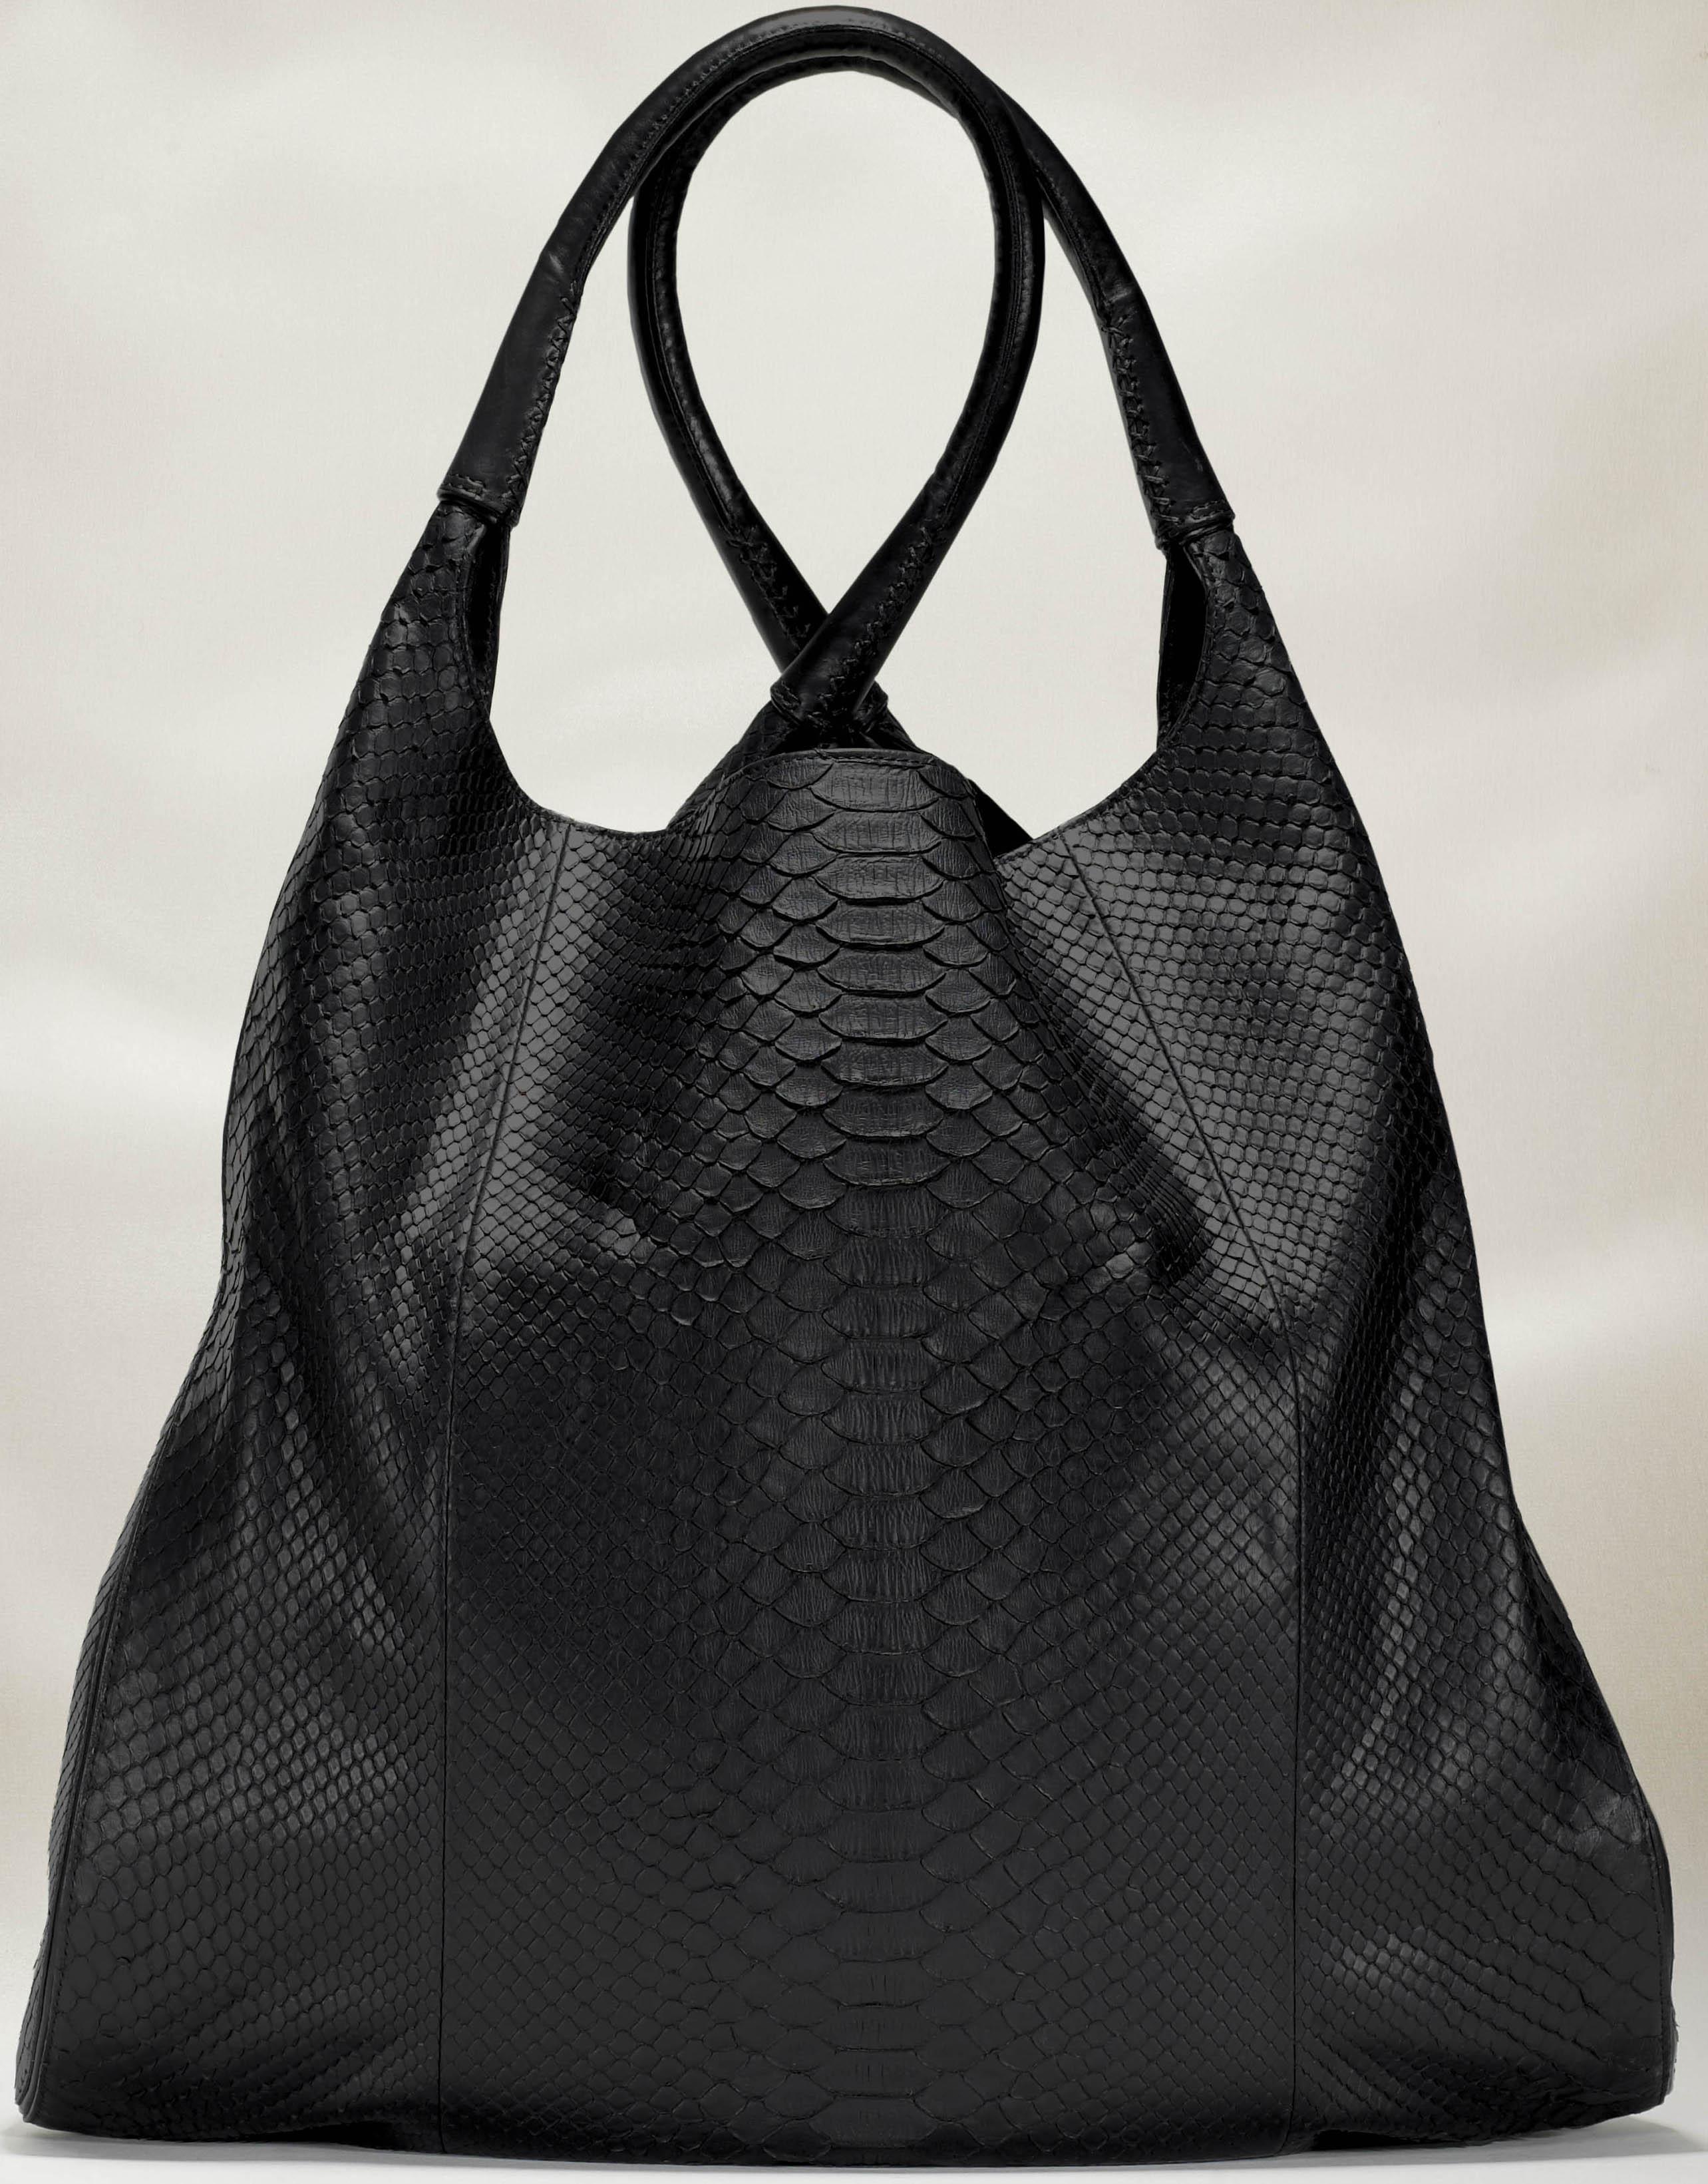 Borse A Sacco In Pelle : Moda passioni e desideri devi kroell borse primavera